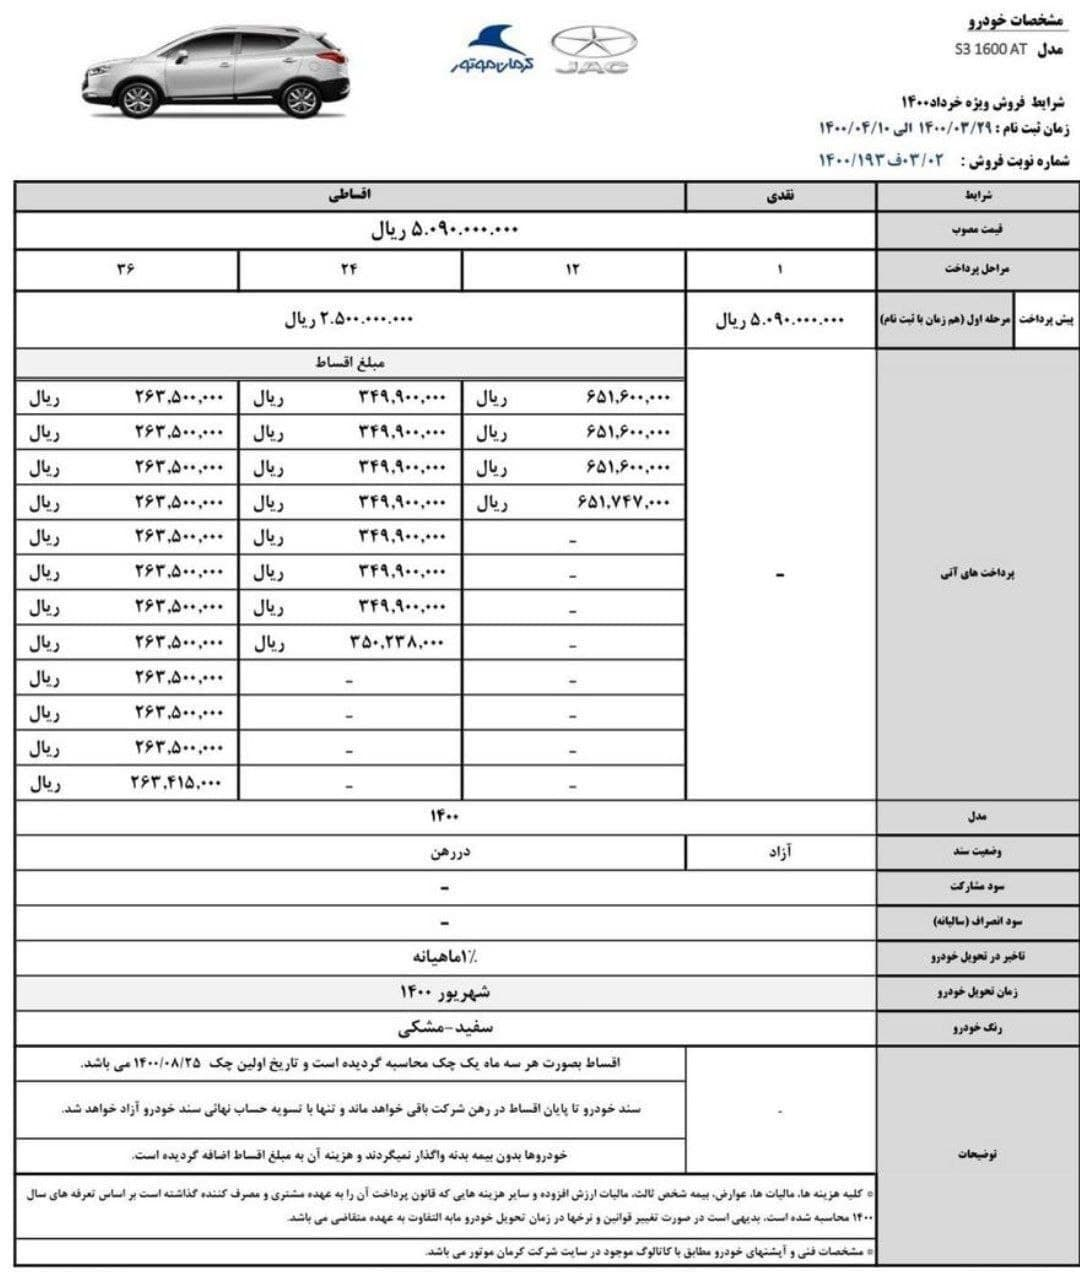 طرح+جدید+پیش_فروش+خودرو+جک+ای+3+ویژه+خرداد+و+تیر+1400